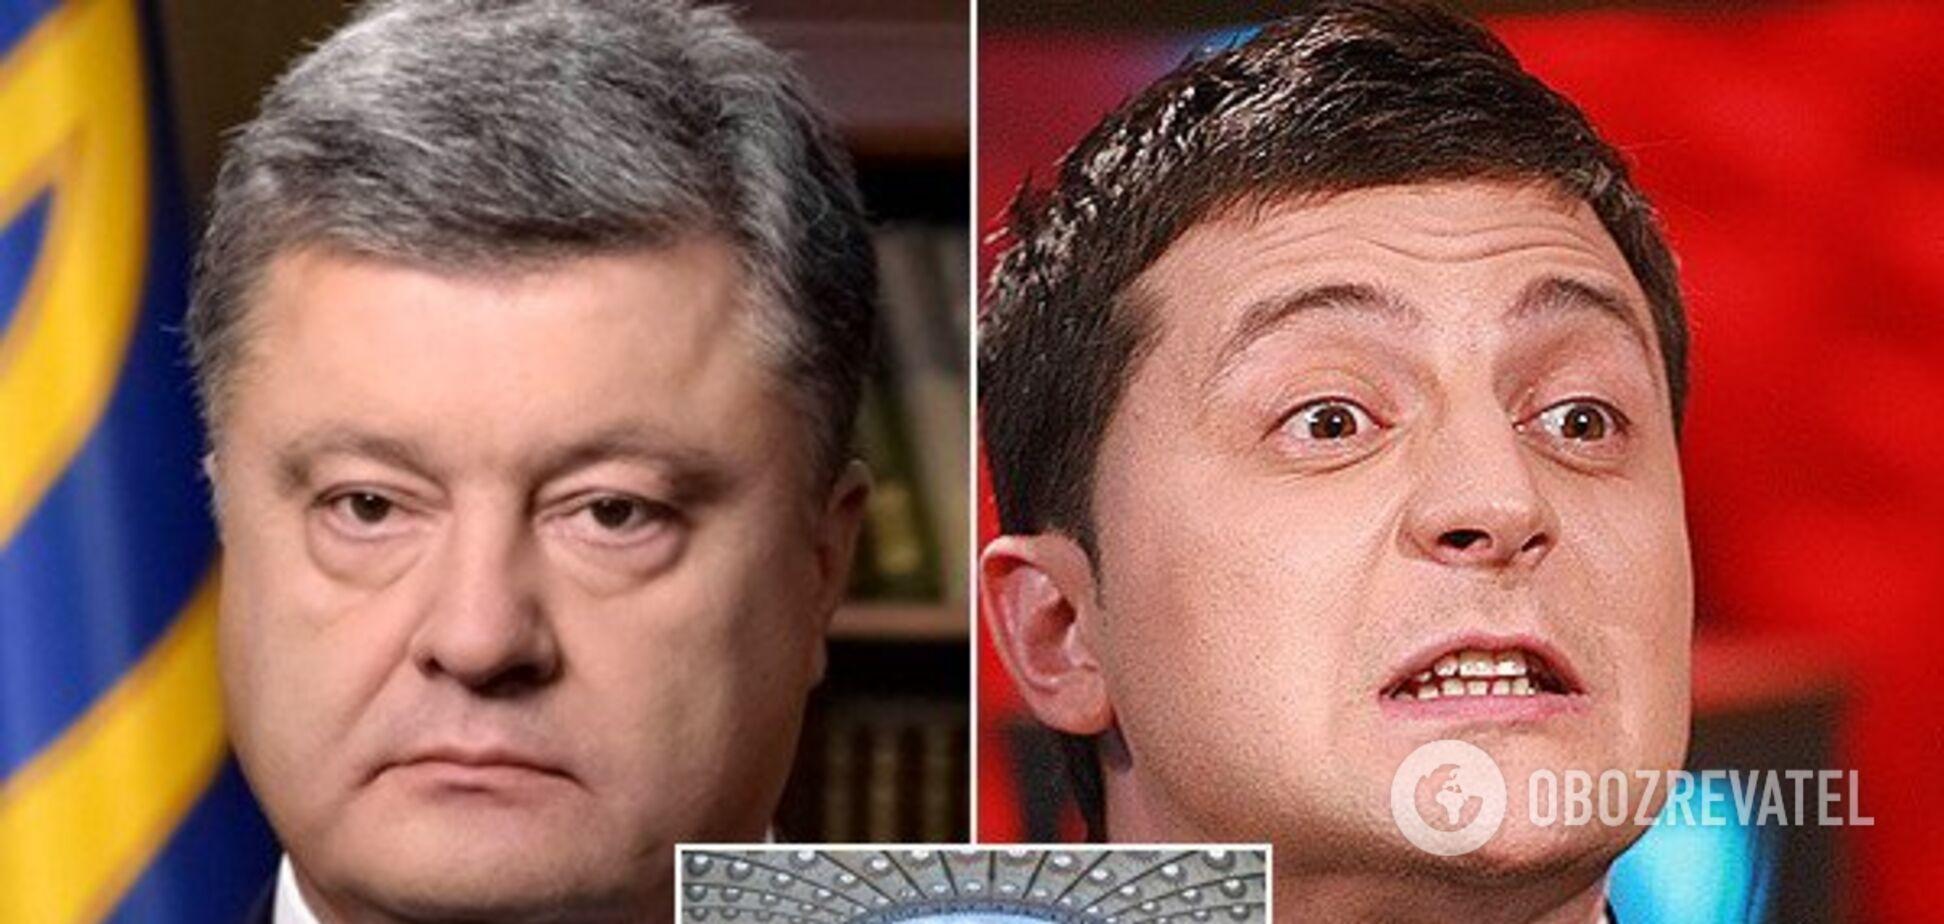 Зеленський не прийшов: про що говорив Порошенко на НСК 'Олімпійський'